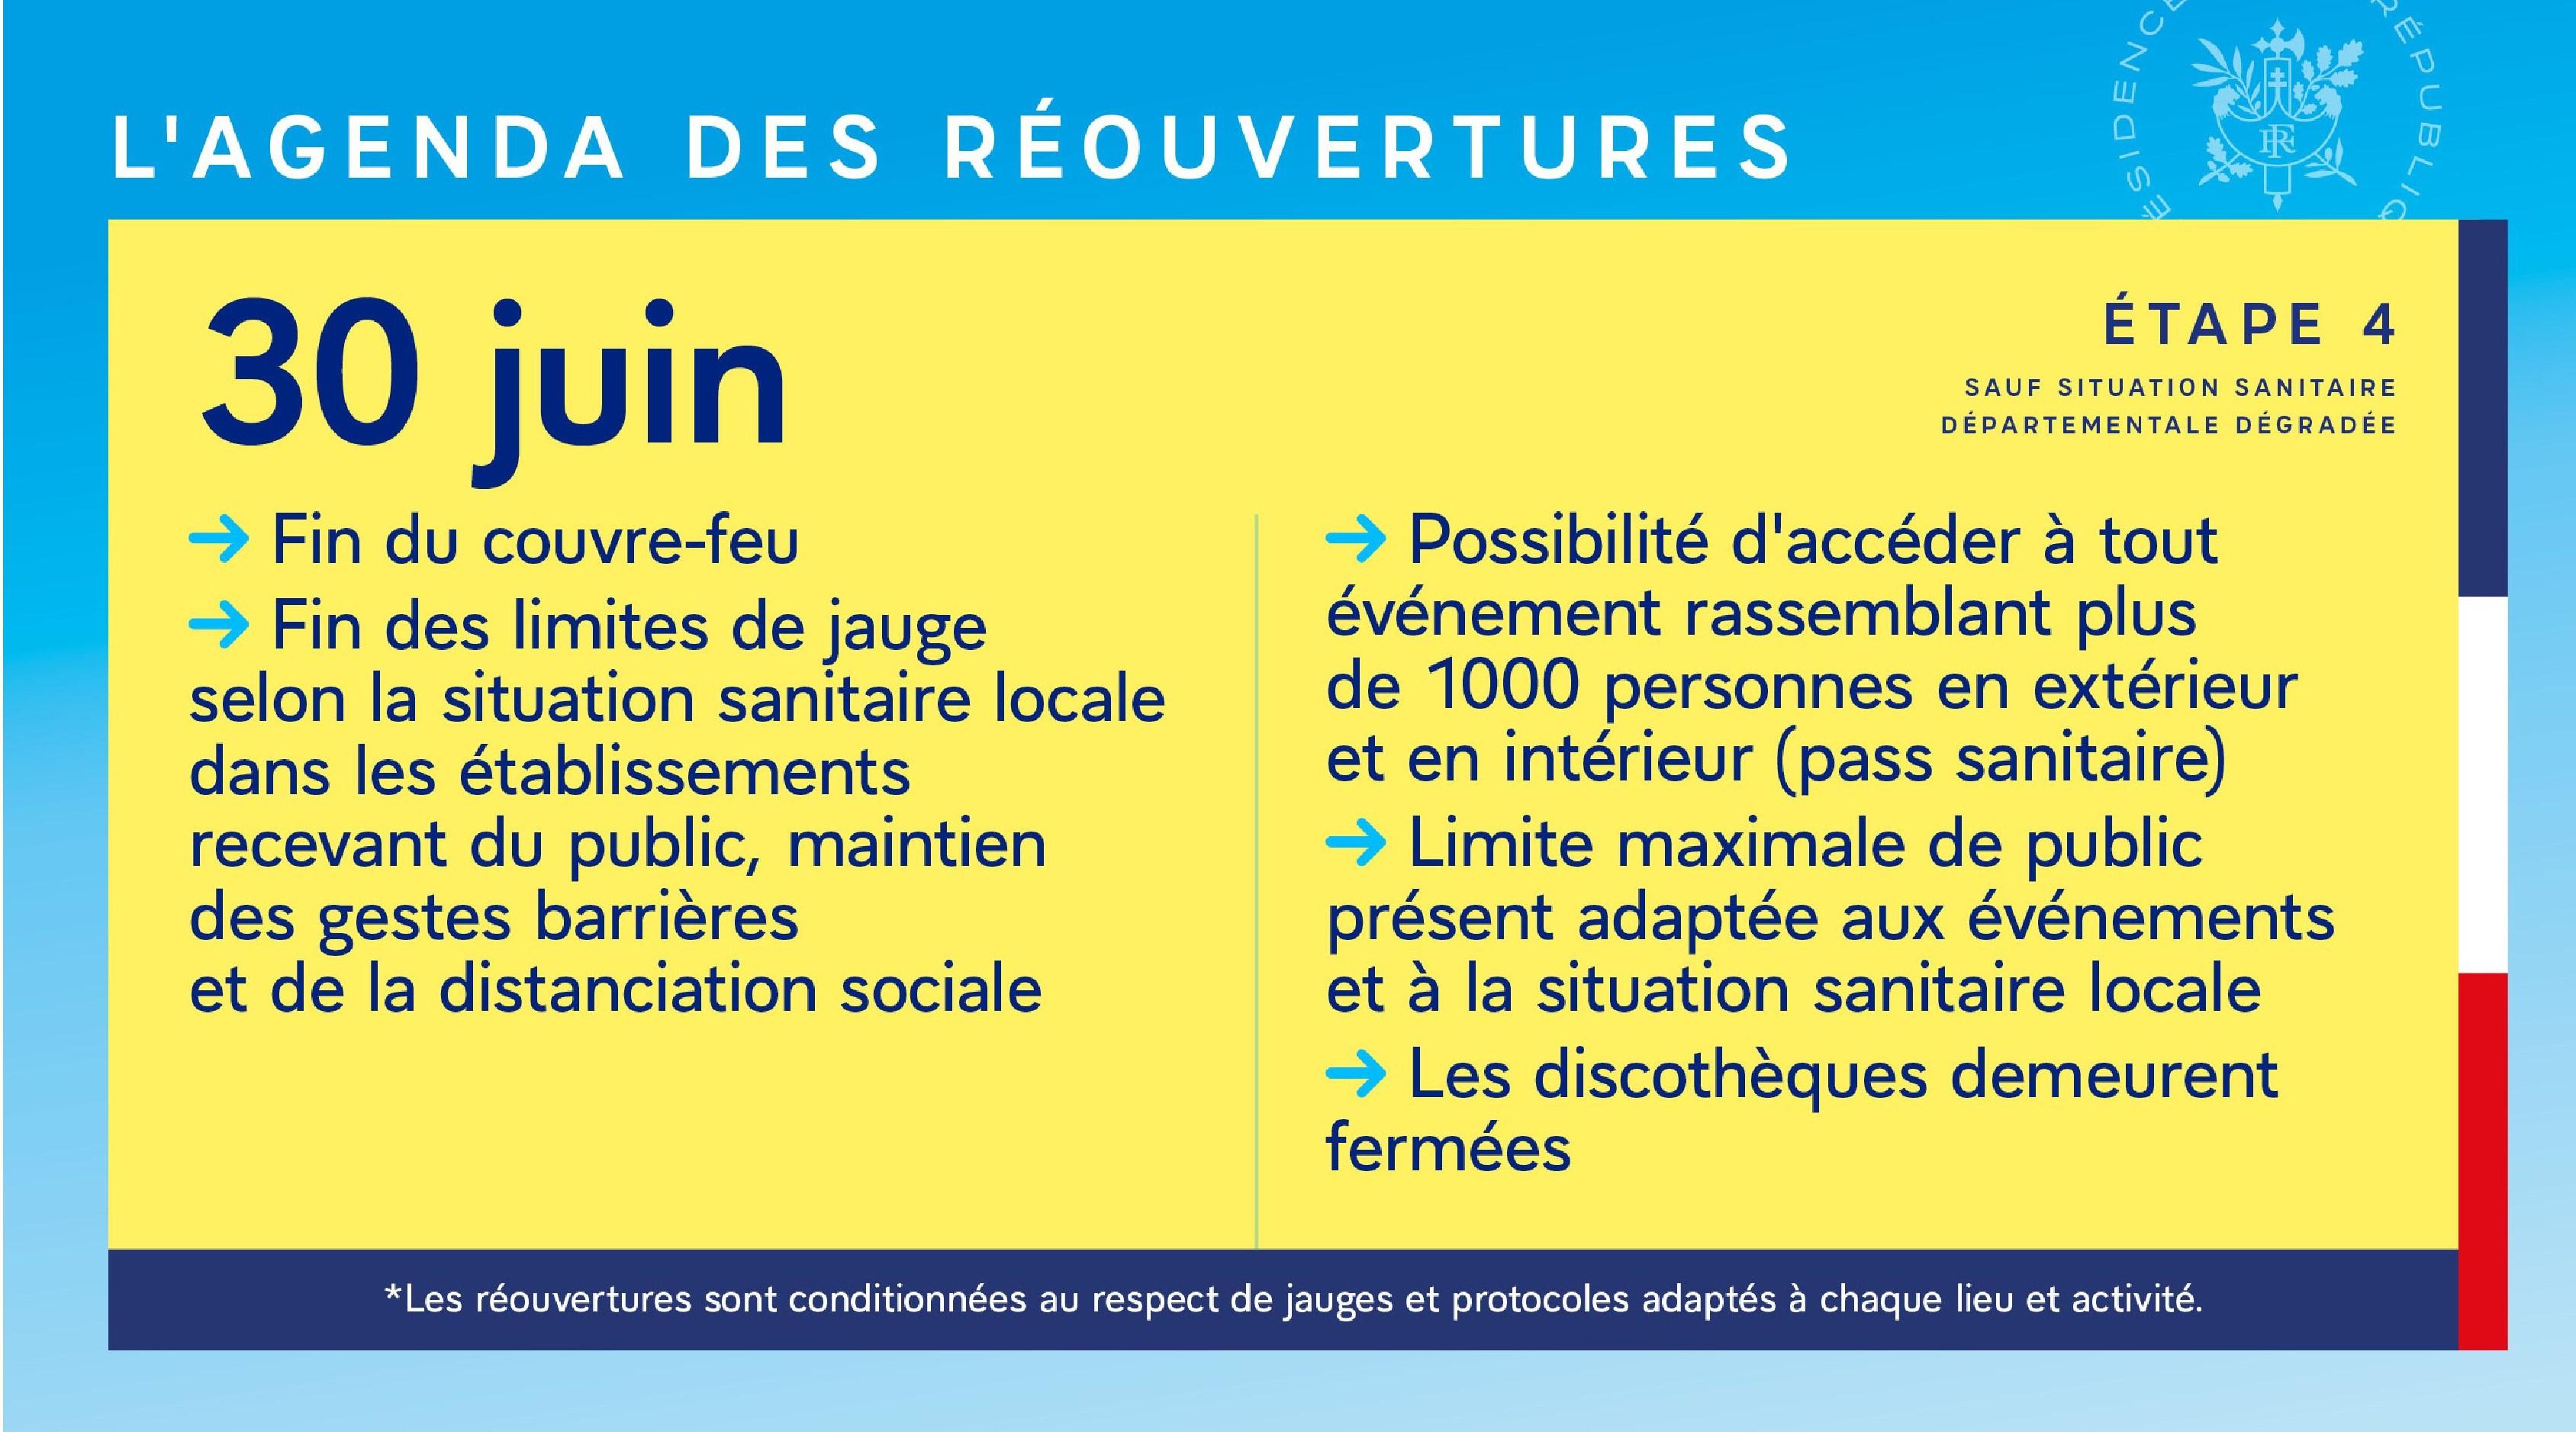 505441001-Coronavirus-le-calendrier-complet-du-deconfinement-page-004.jpg